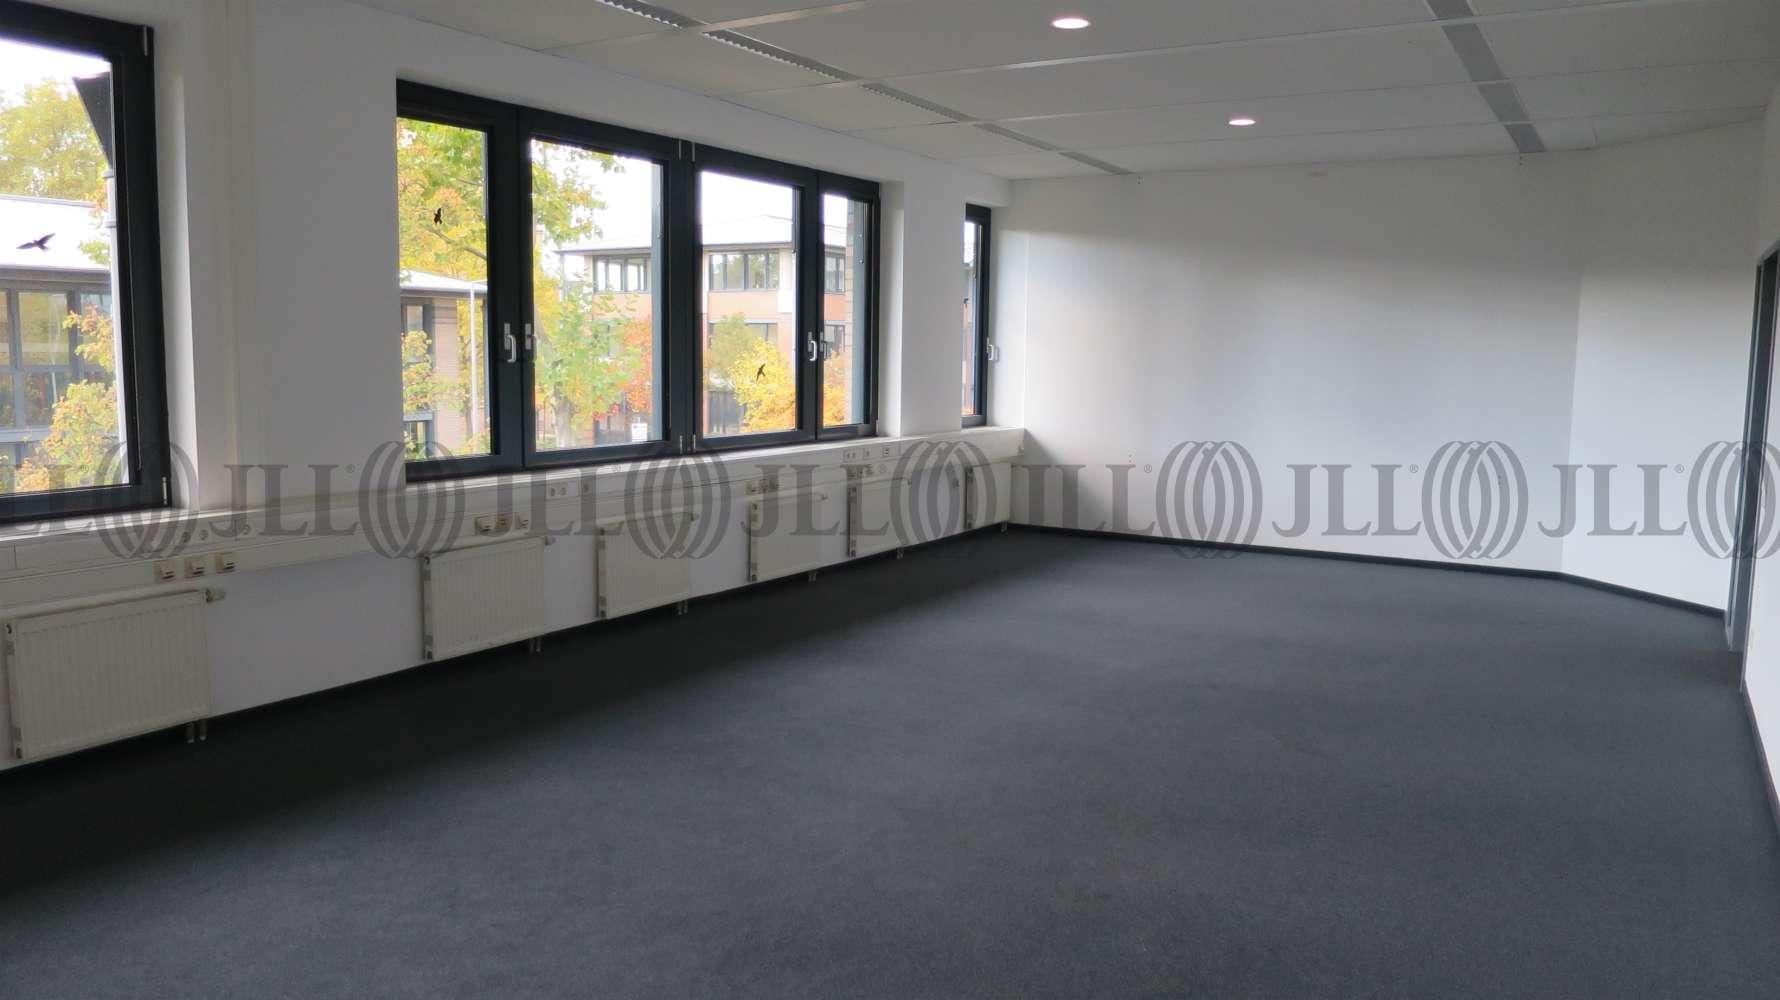 Büros Mannheim, 68199 - Büro - Mannheim, Neckarau - F1688 - 10895877